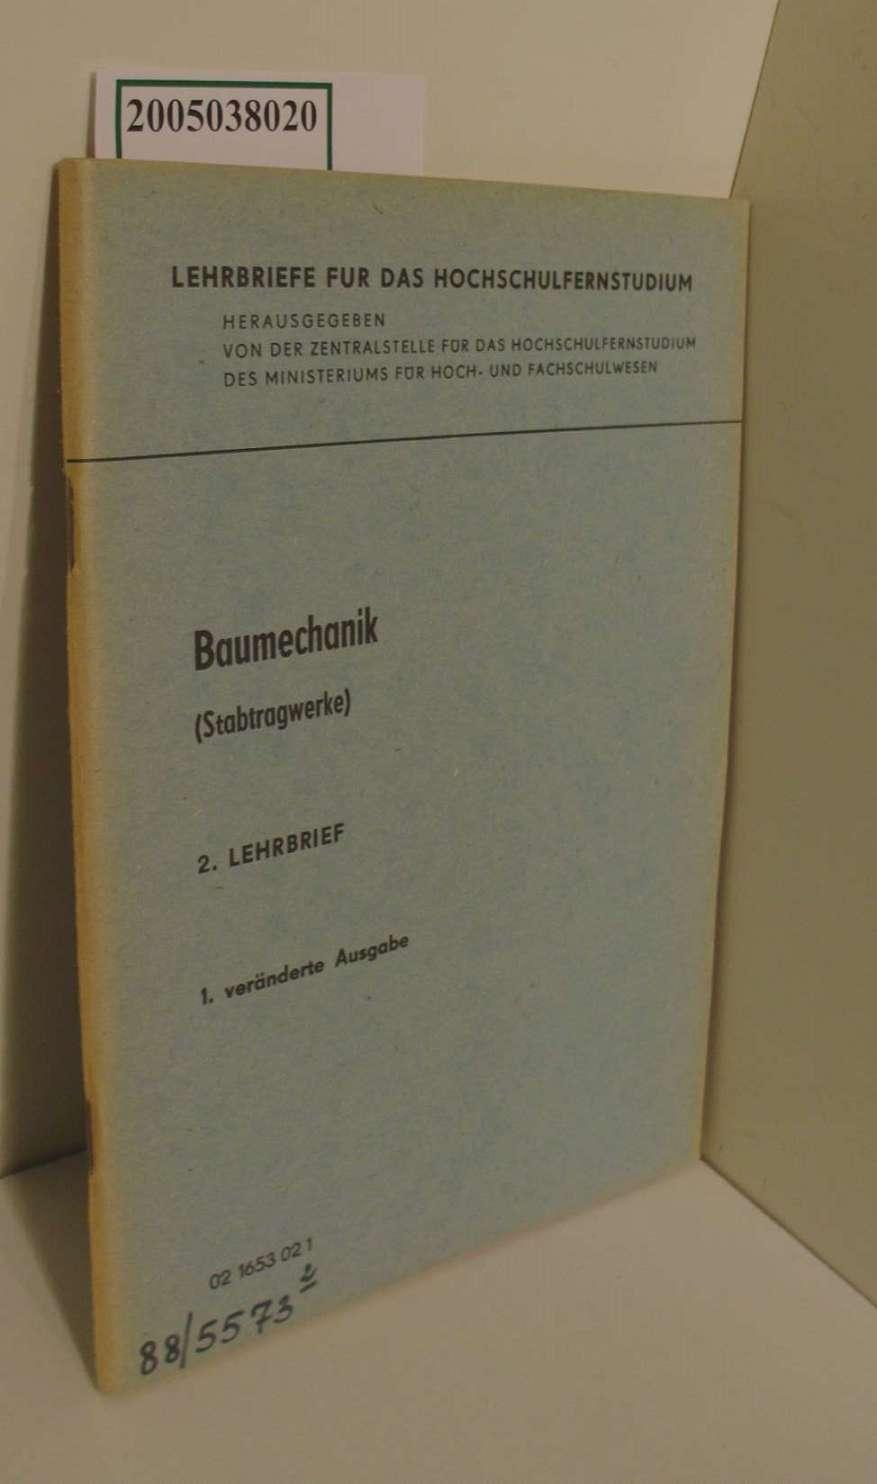 Müller, Heinz: Lehrbriefe für das Hochschulfernstudium / Baumechanik (Stabtragwerke) / 2. Lehrbrief / Heinz Müller & Gerhard Burkhardt 1. veränderte Ausgabe